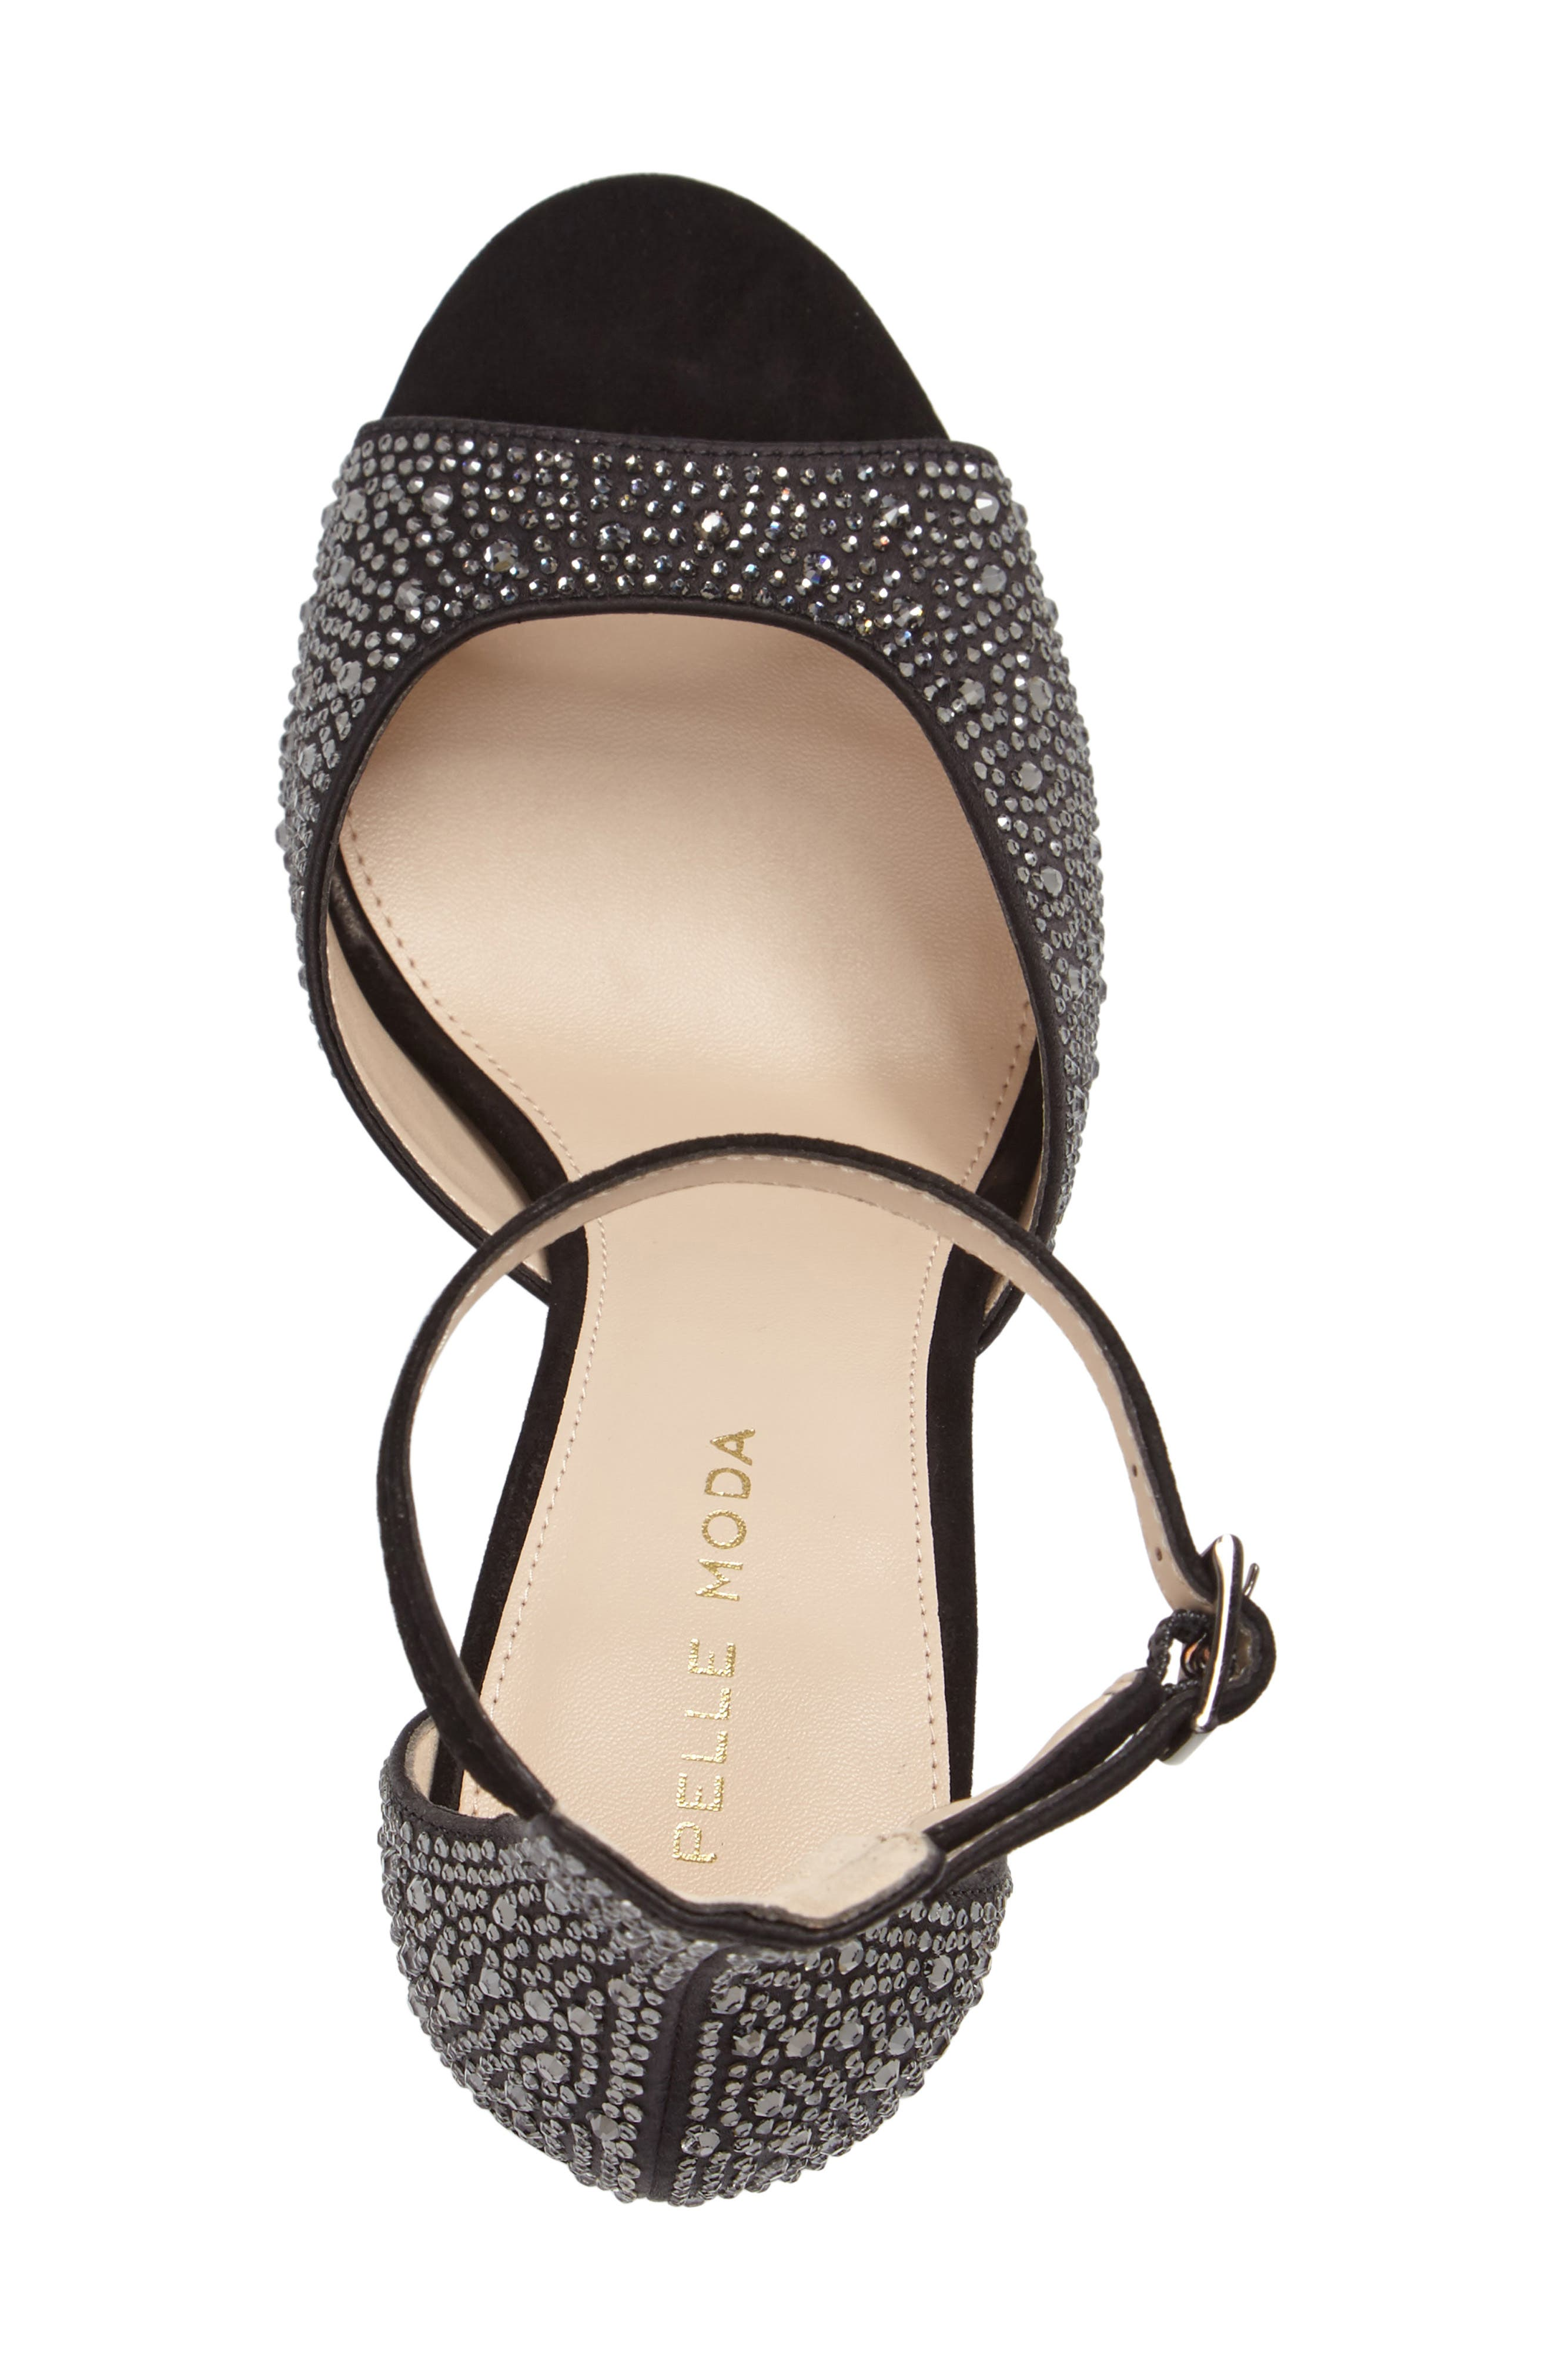 Crystal Embellished Ankle Strap Sandal,                             Alternate thumbnail 3, color,                             001